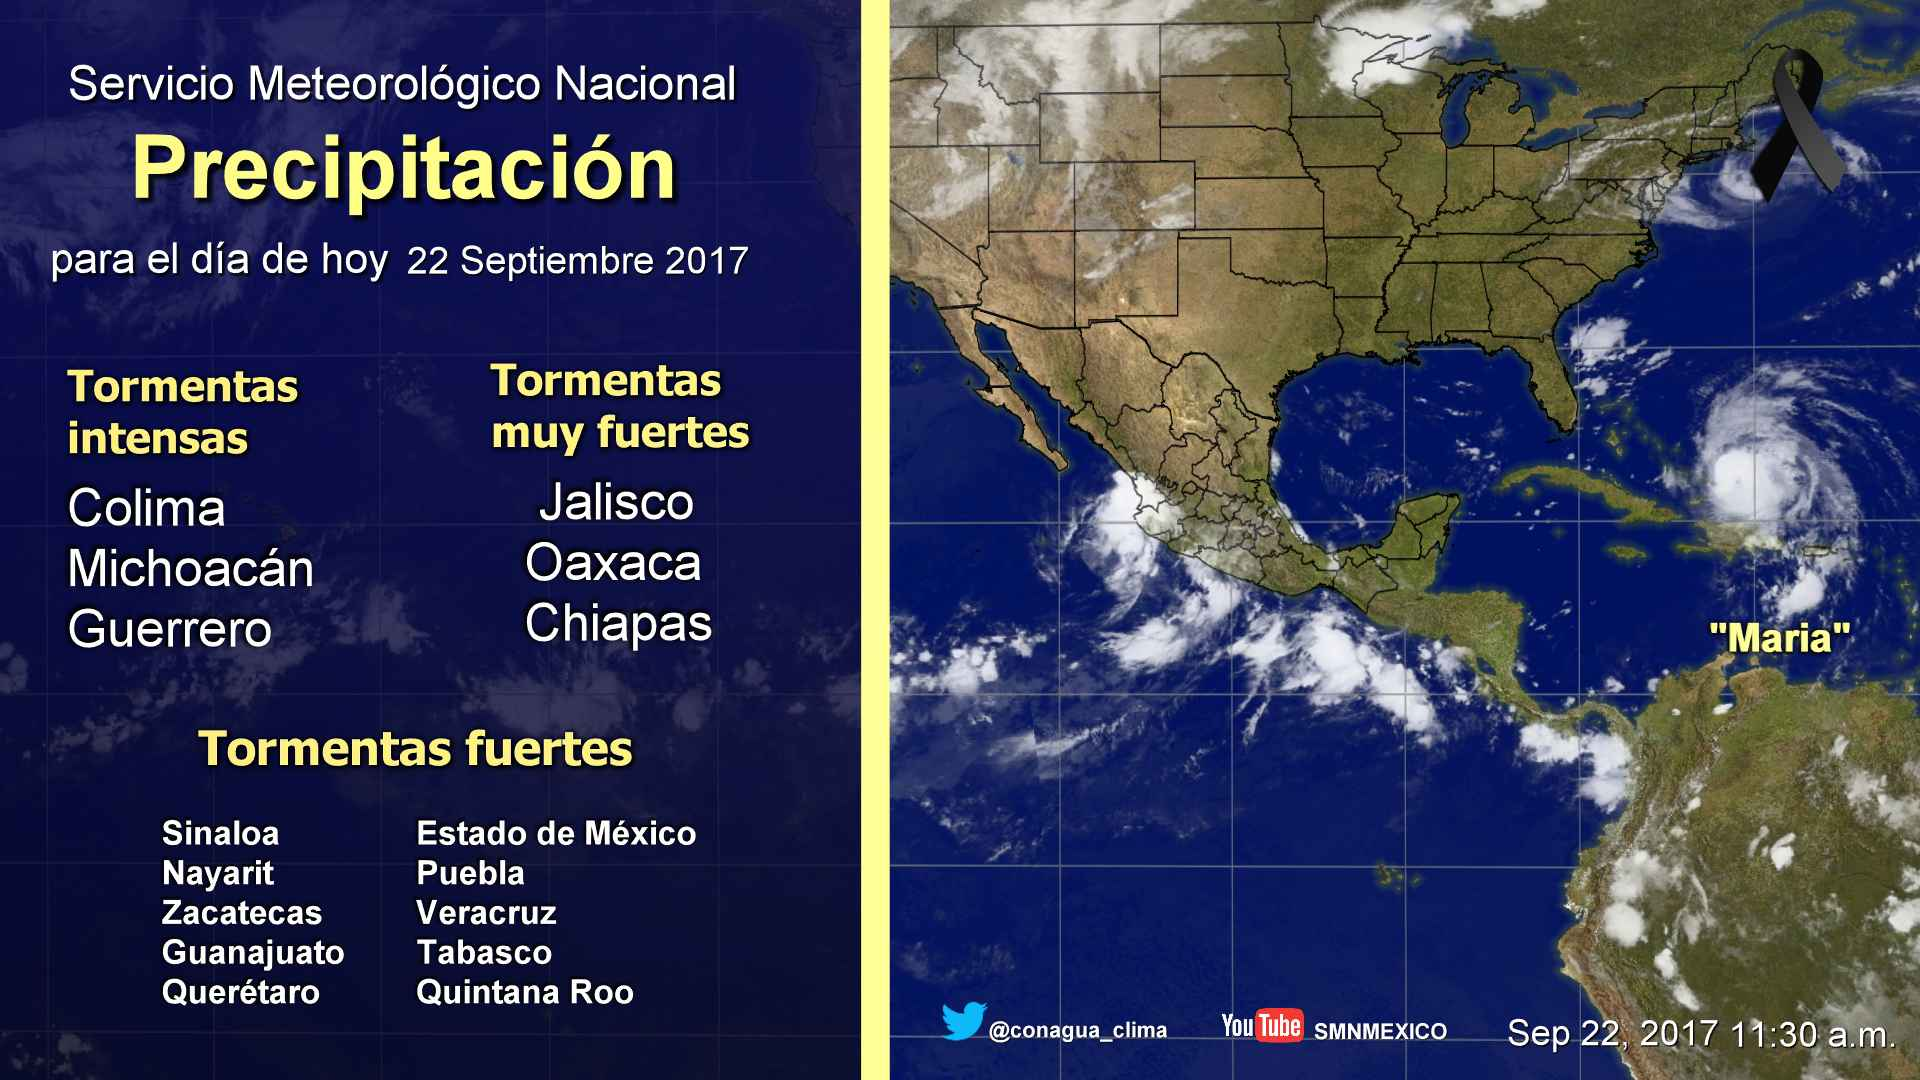 En Colima, Michoacán y Guerrero se prevén tormentas intensas